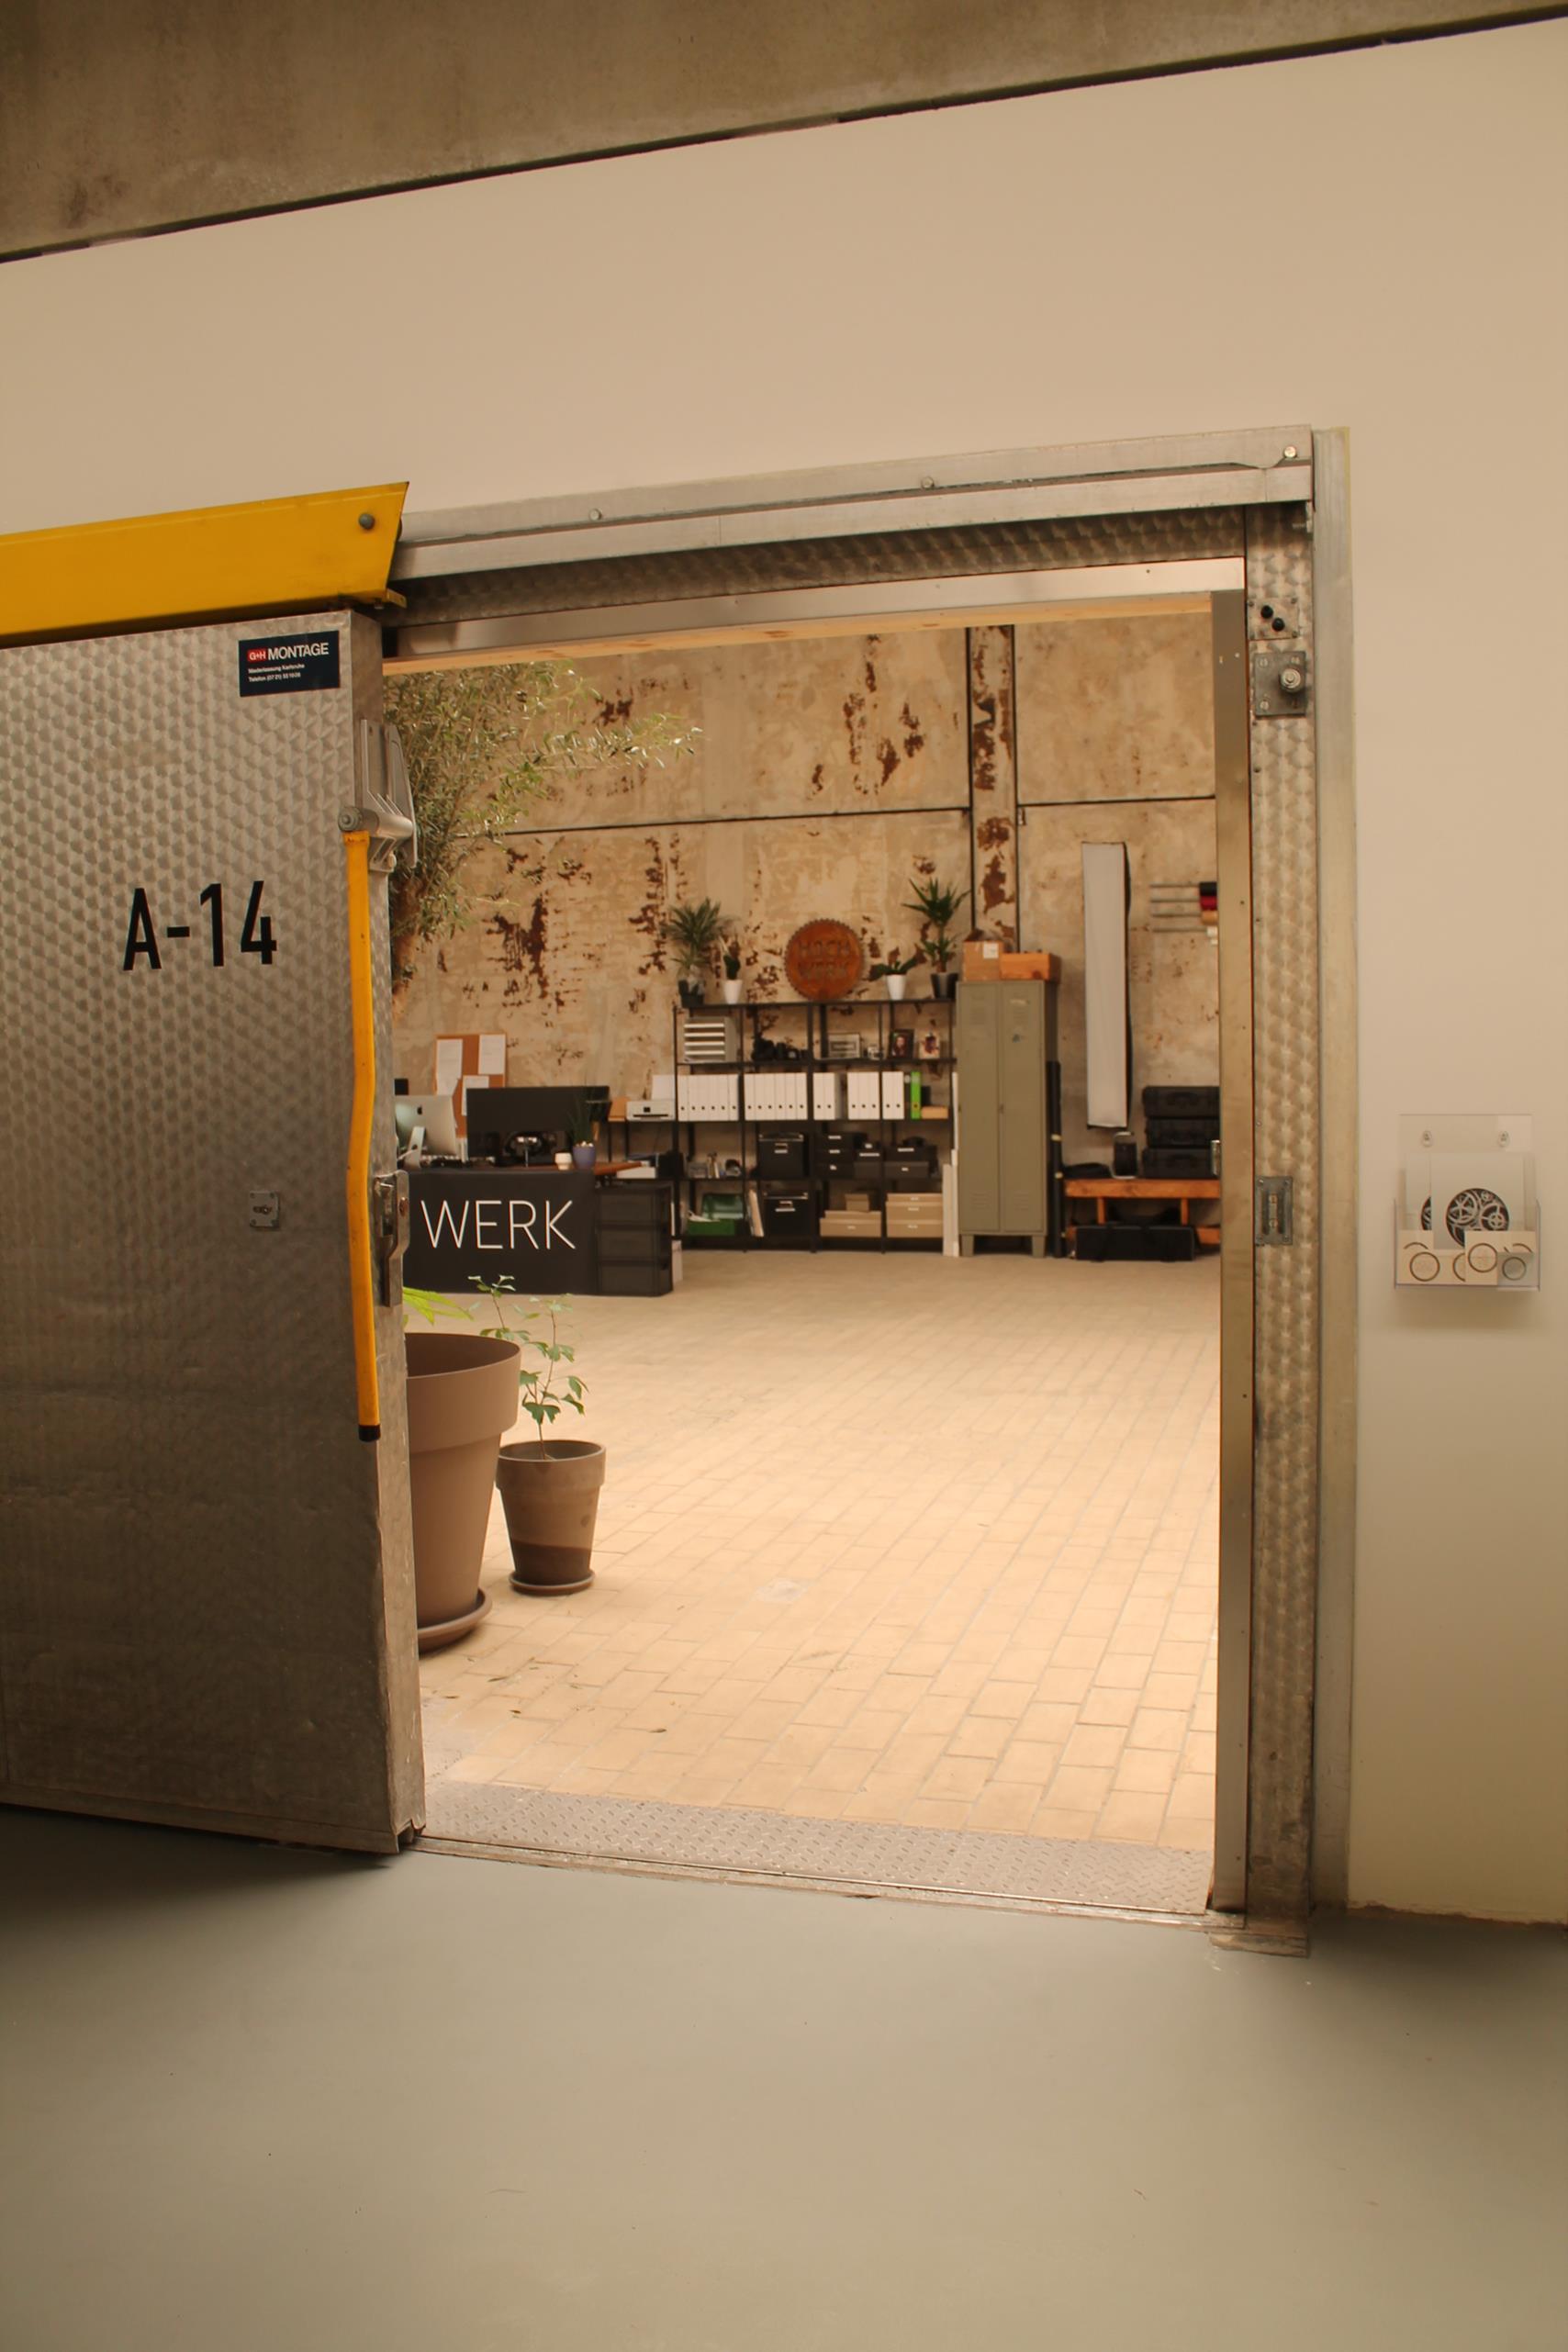 Das Studio von HOCH WERK von außen: A14